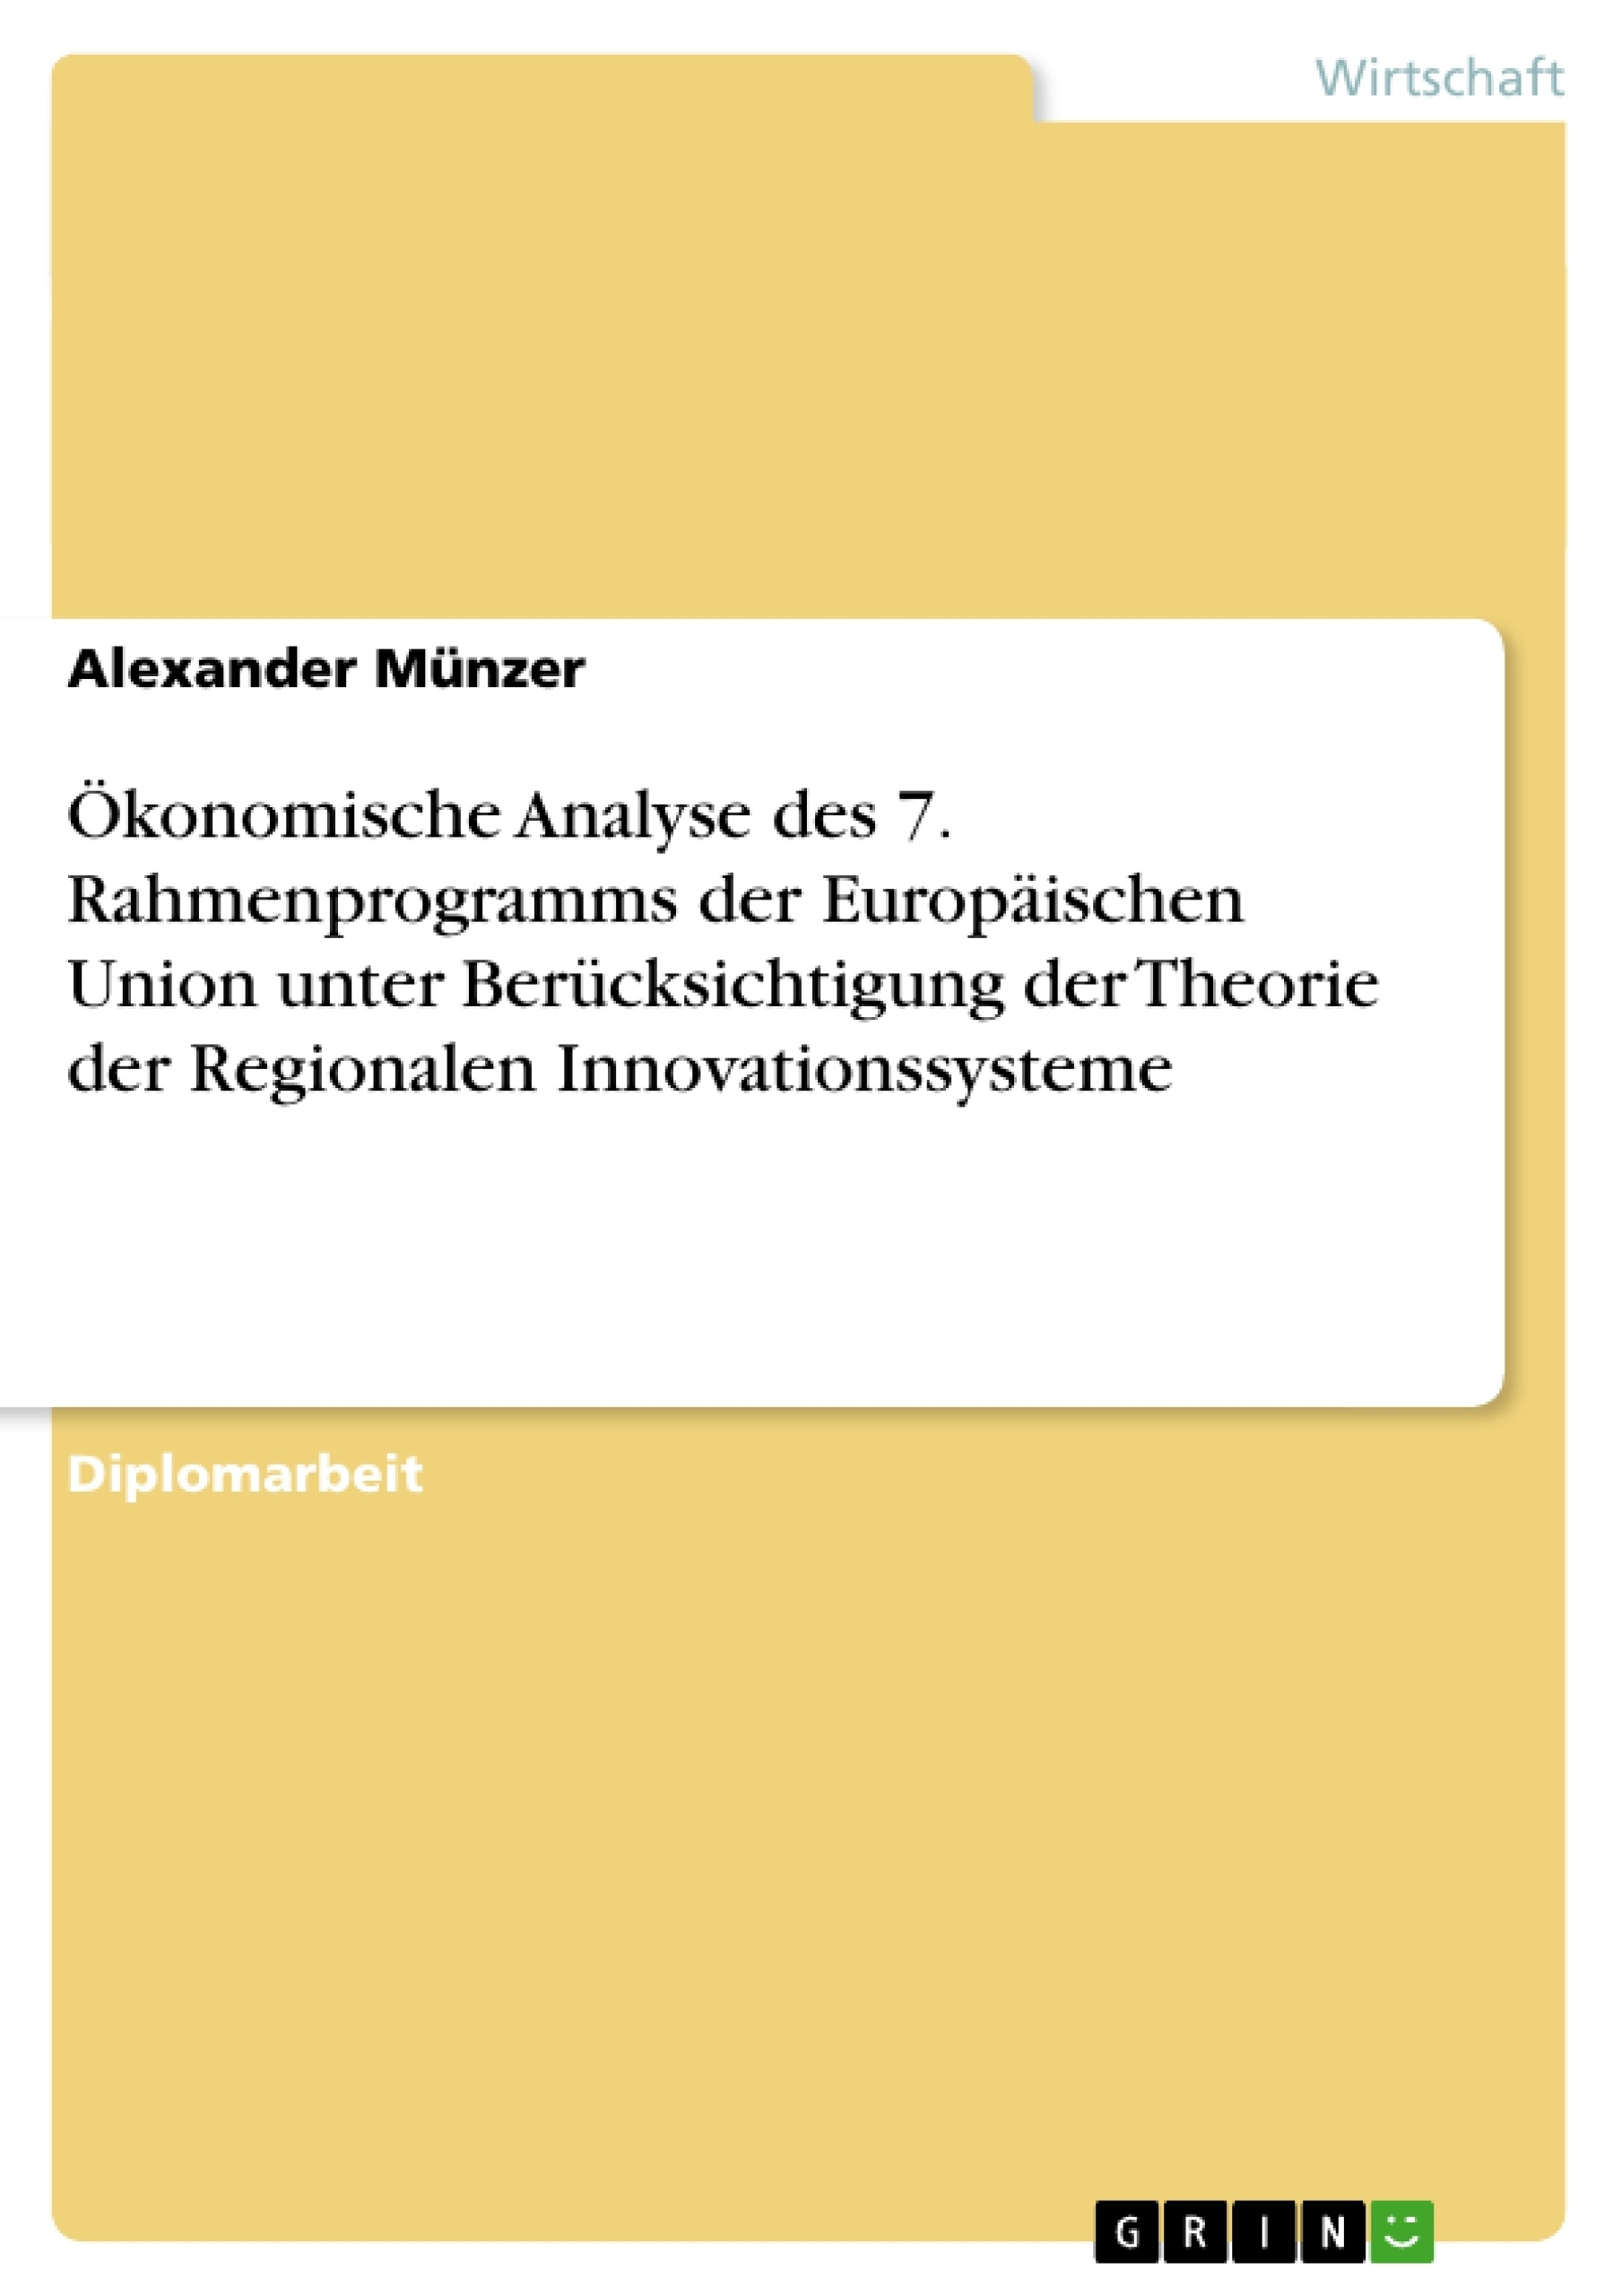 Titel: Ökonomische Analyse des 7. Rahmenprogramms der Europäischen Union unter Berücksichtigung der Theorie der Regionalen Innovationssysteme